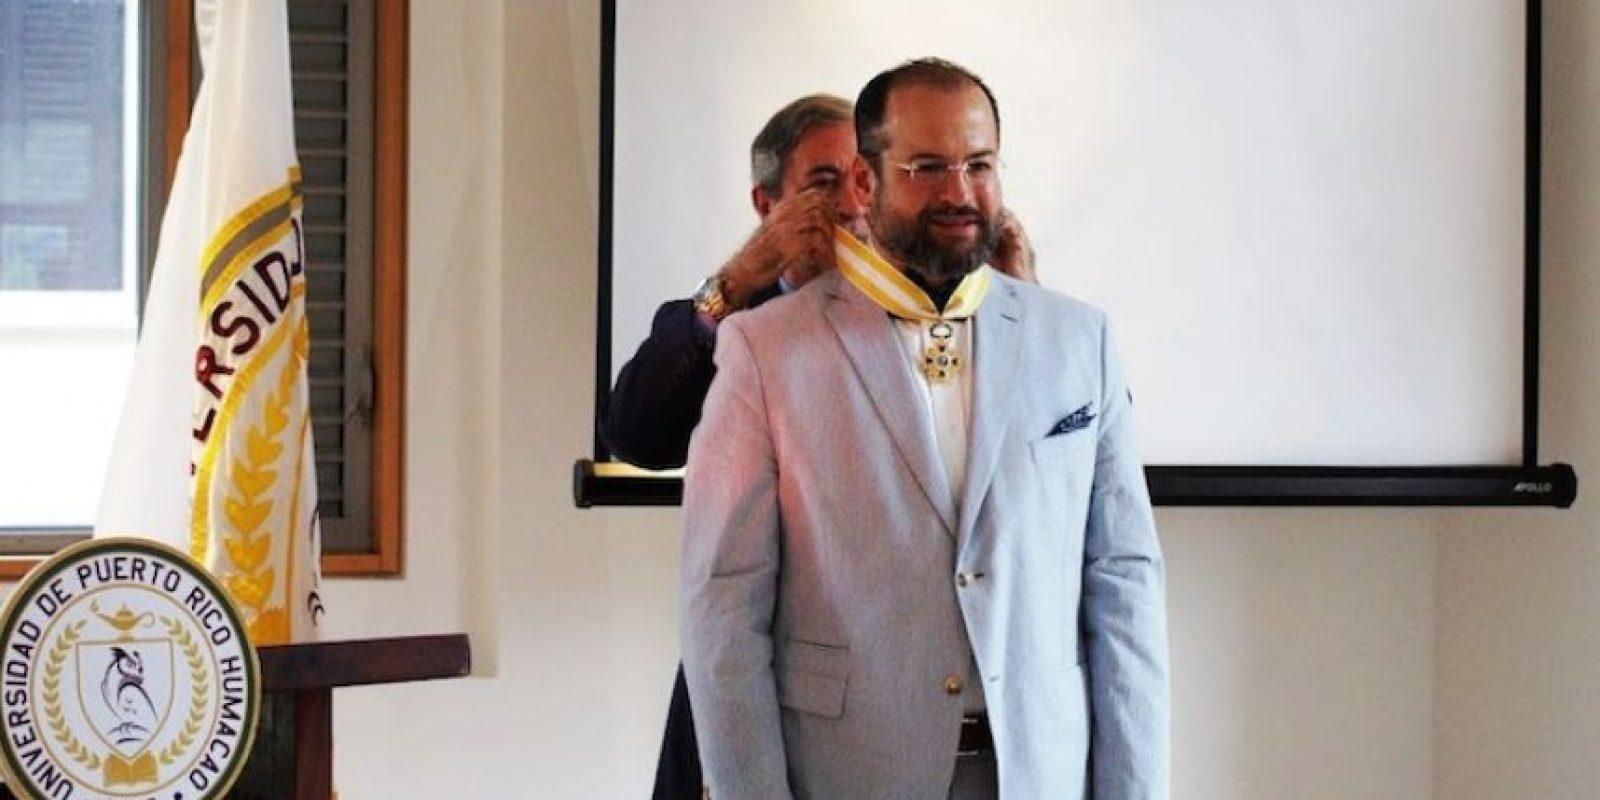 El rector Vázquez Vera recibió la distinción de manos del cónsul general de España en Puerto Rico. Foto:INS. Imagen Por: